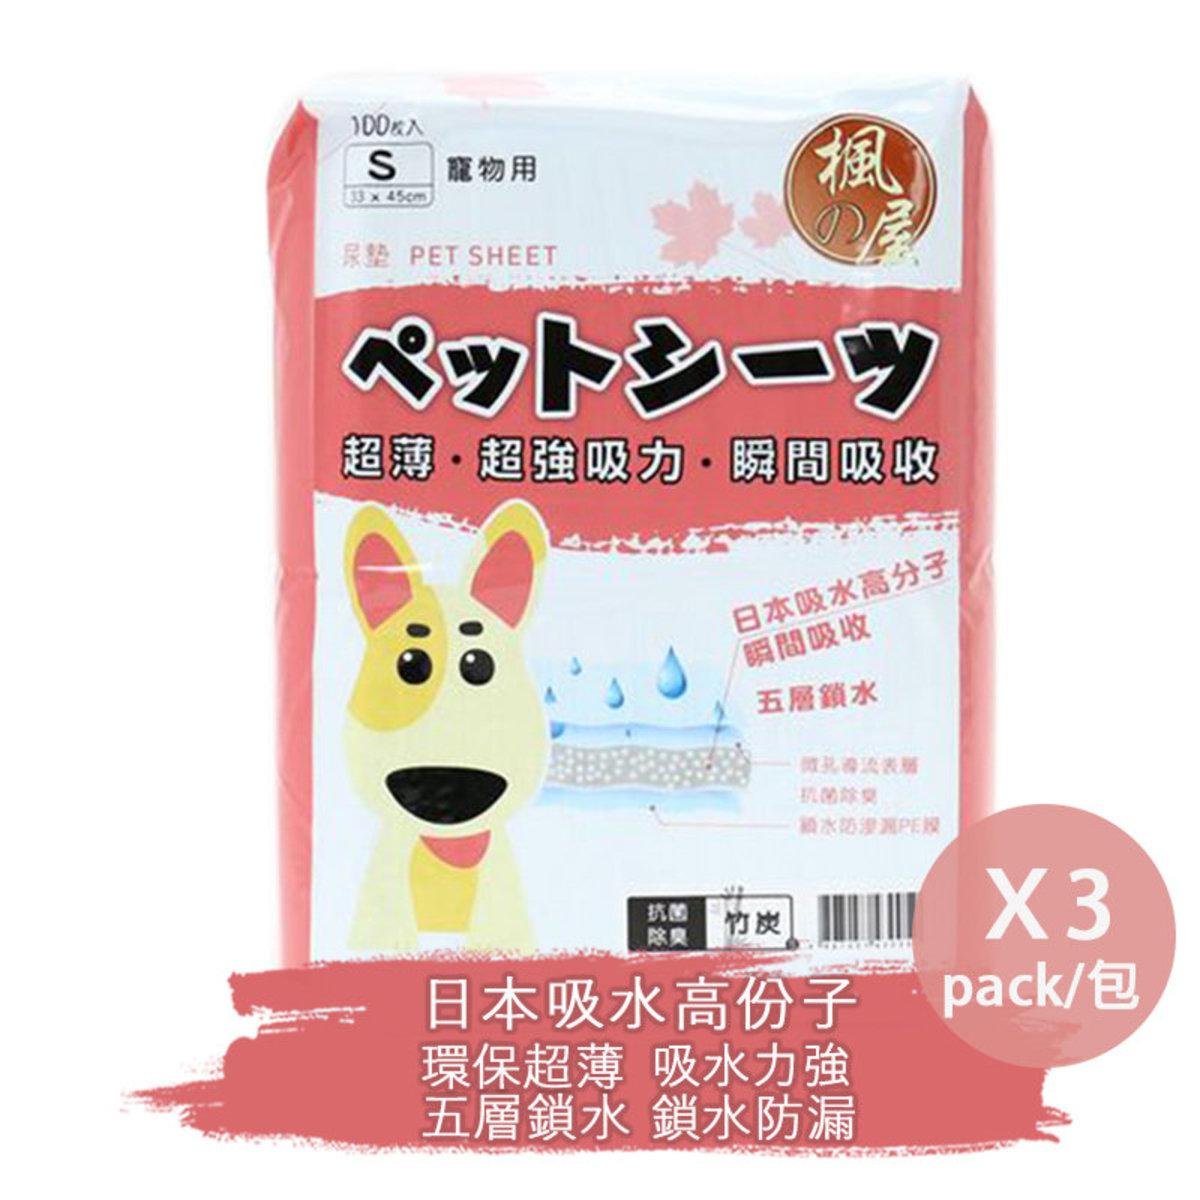 竹炭味衛生尿墊 100P 33cmx45cm x3包